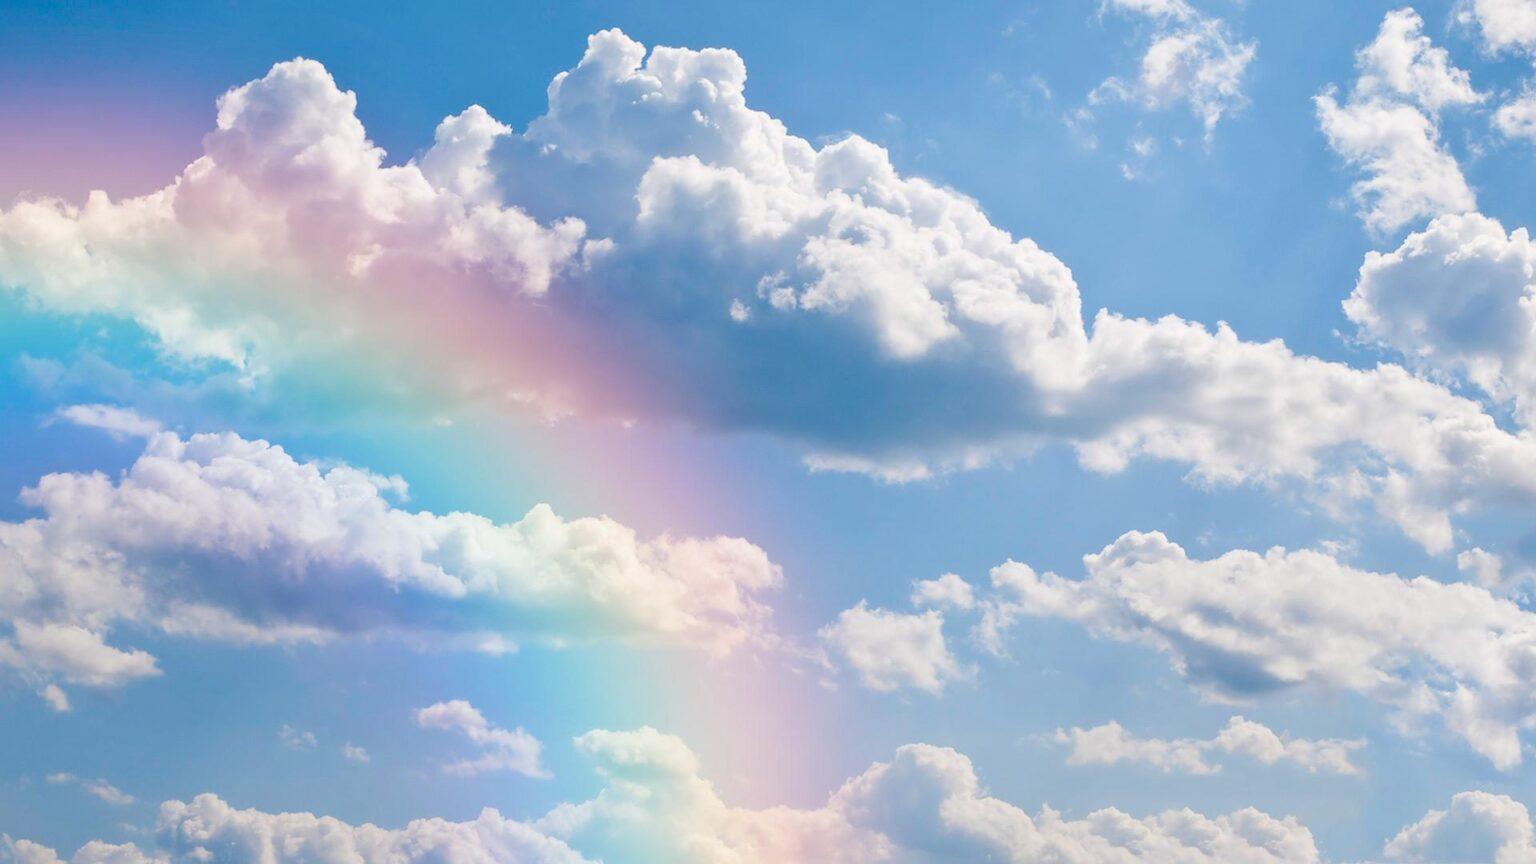 Himmel Regenbogen